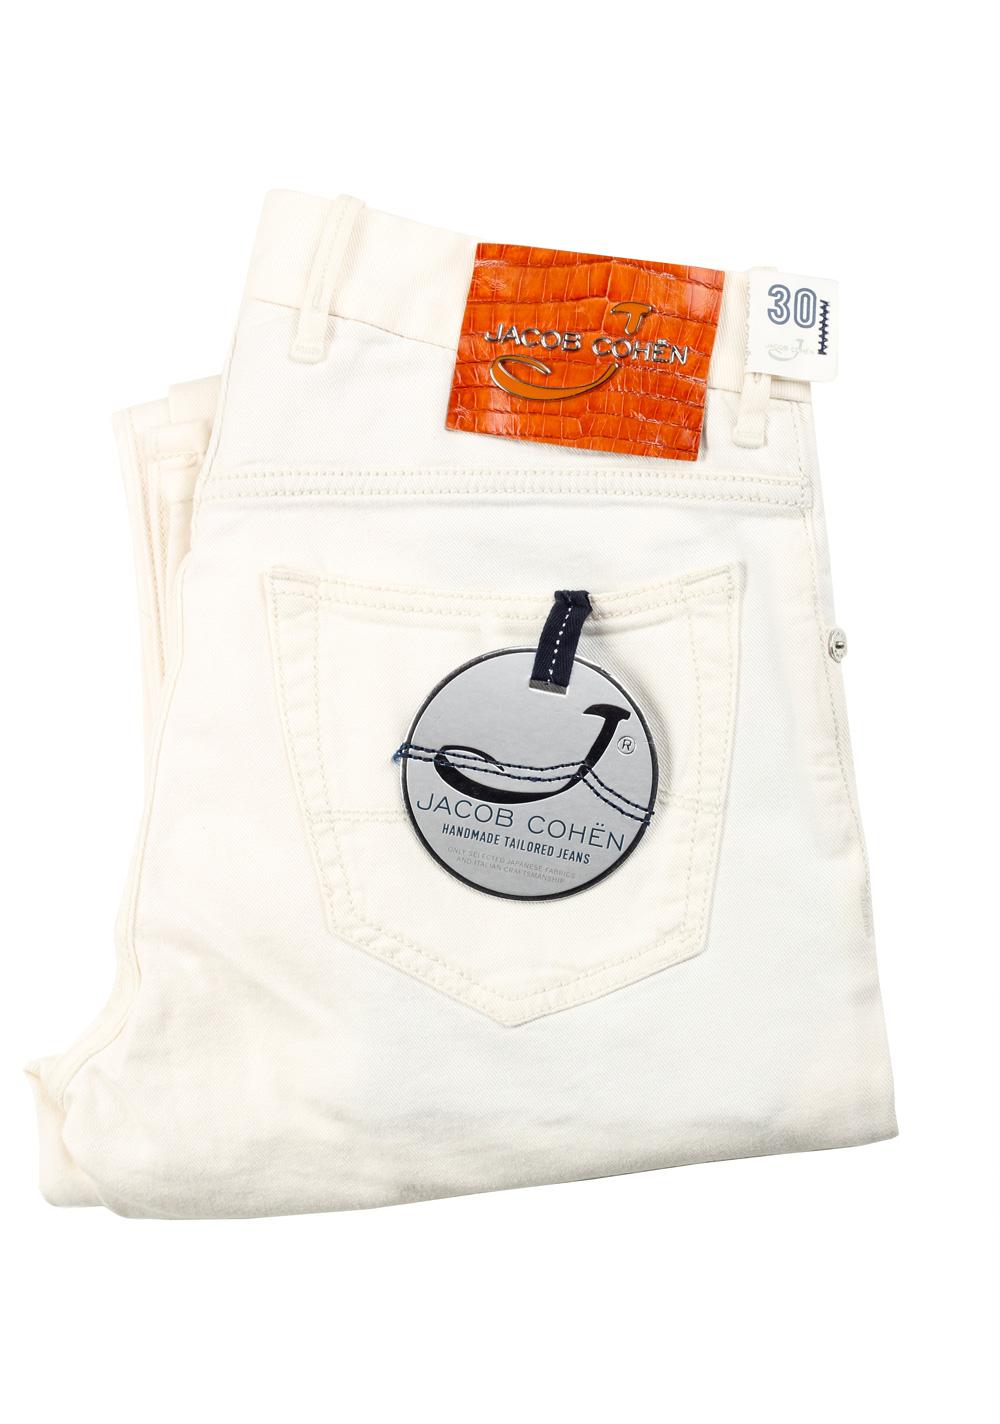 Jacob Cohen Jeans J620 Size 46 / 30 U.S. Second Premium Edition   Costume Limité